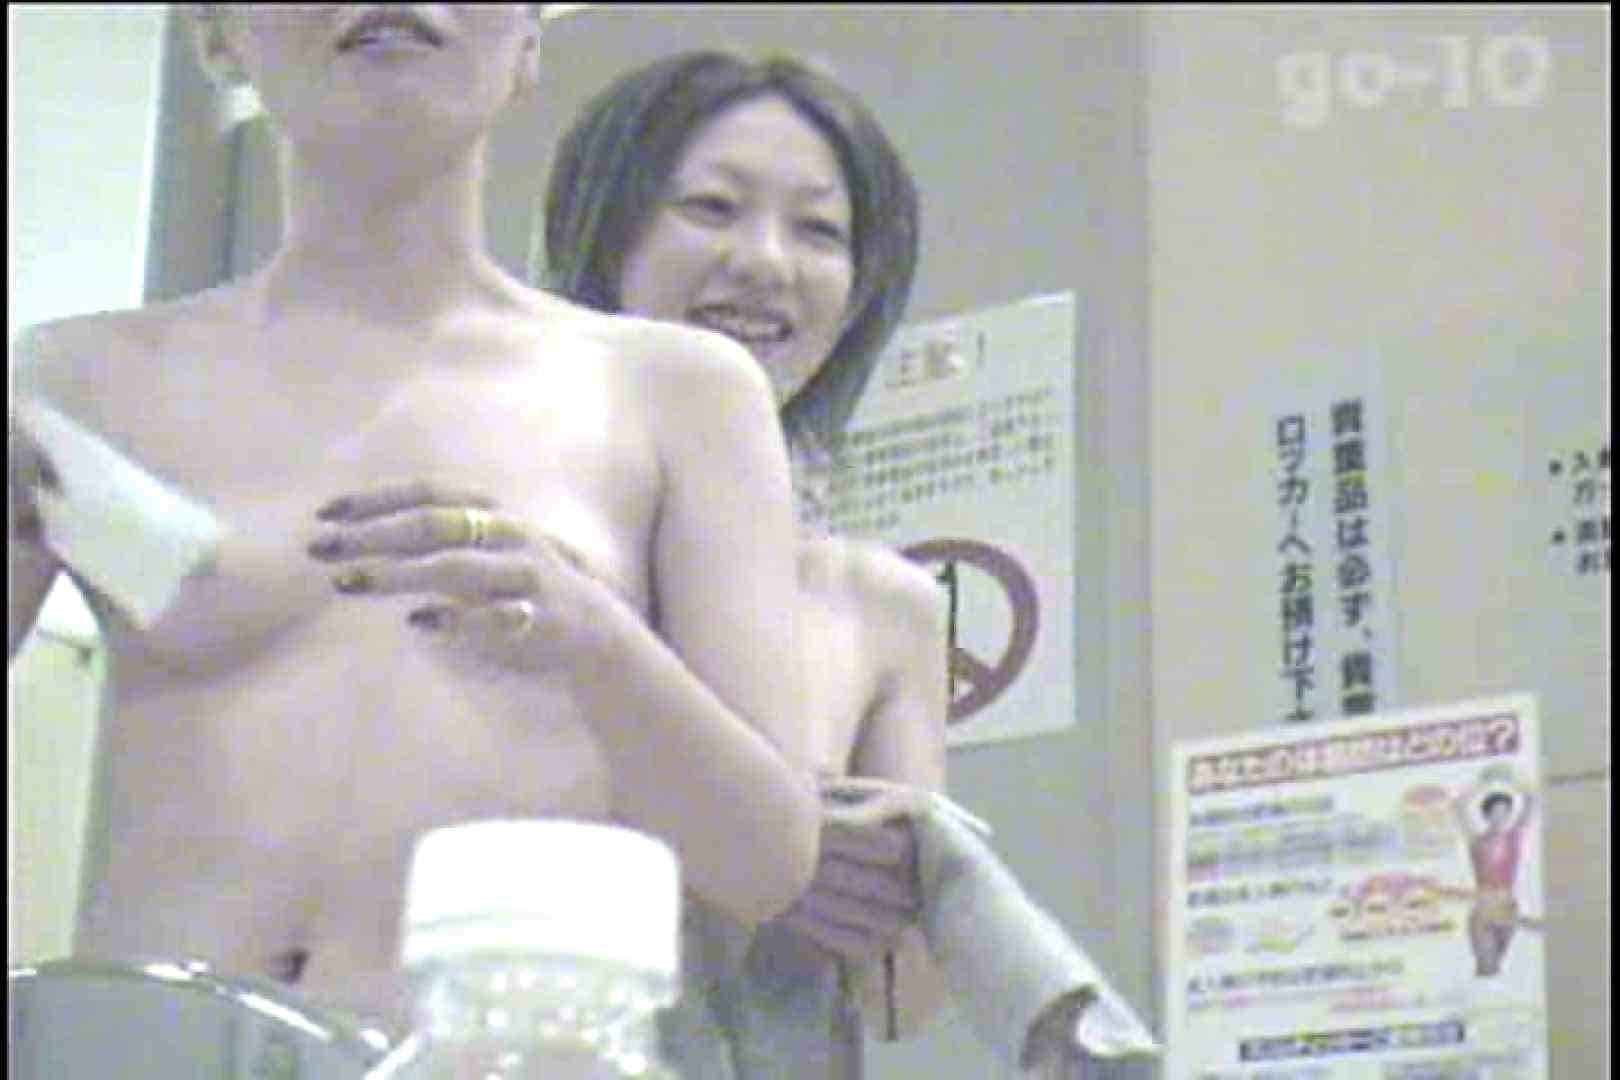 厳選潜入女風呂 No.10 潜入 | 盗撮  90枚 19